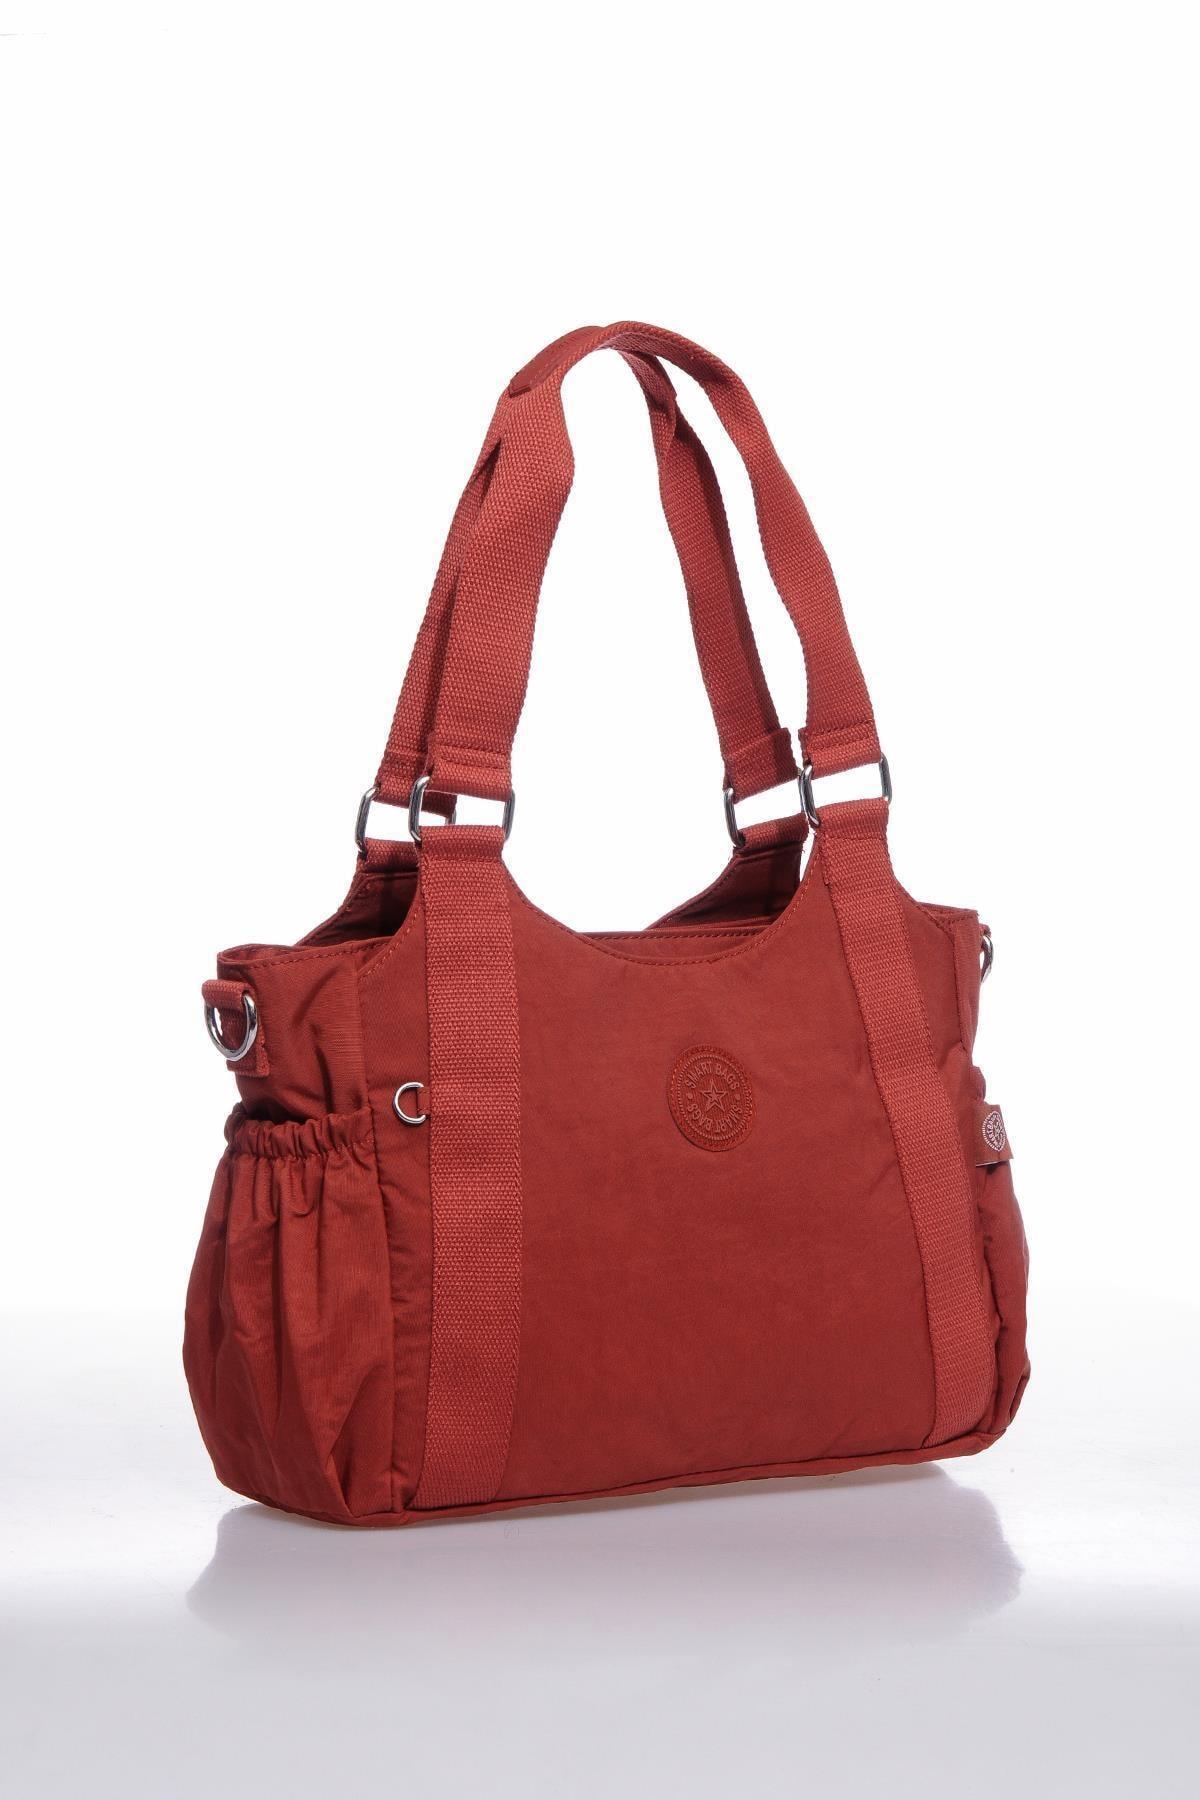 SMART BAGS Kadın Kiremit Omuz Çantası Smbk1163-0128 2